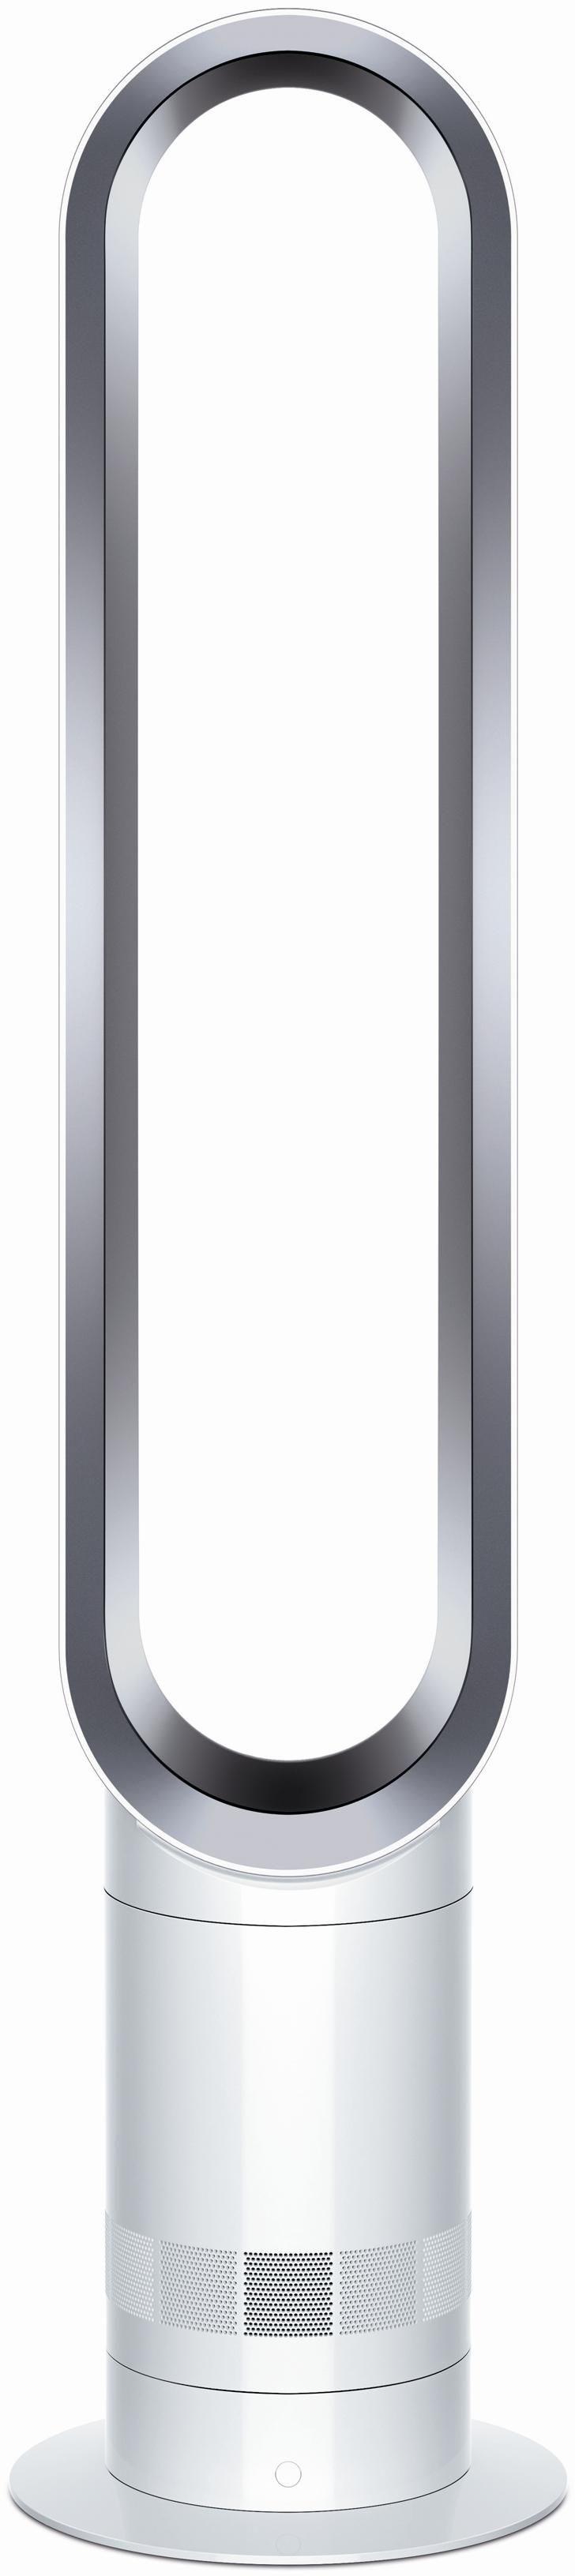 Dyson AM07 Turmventilator weiß/silber